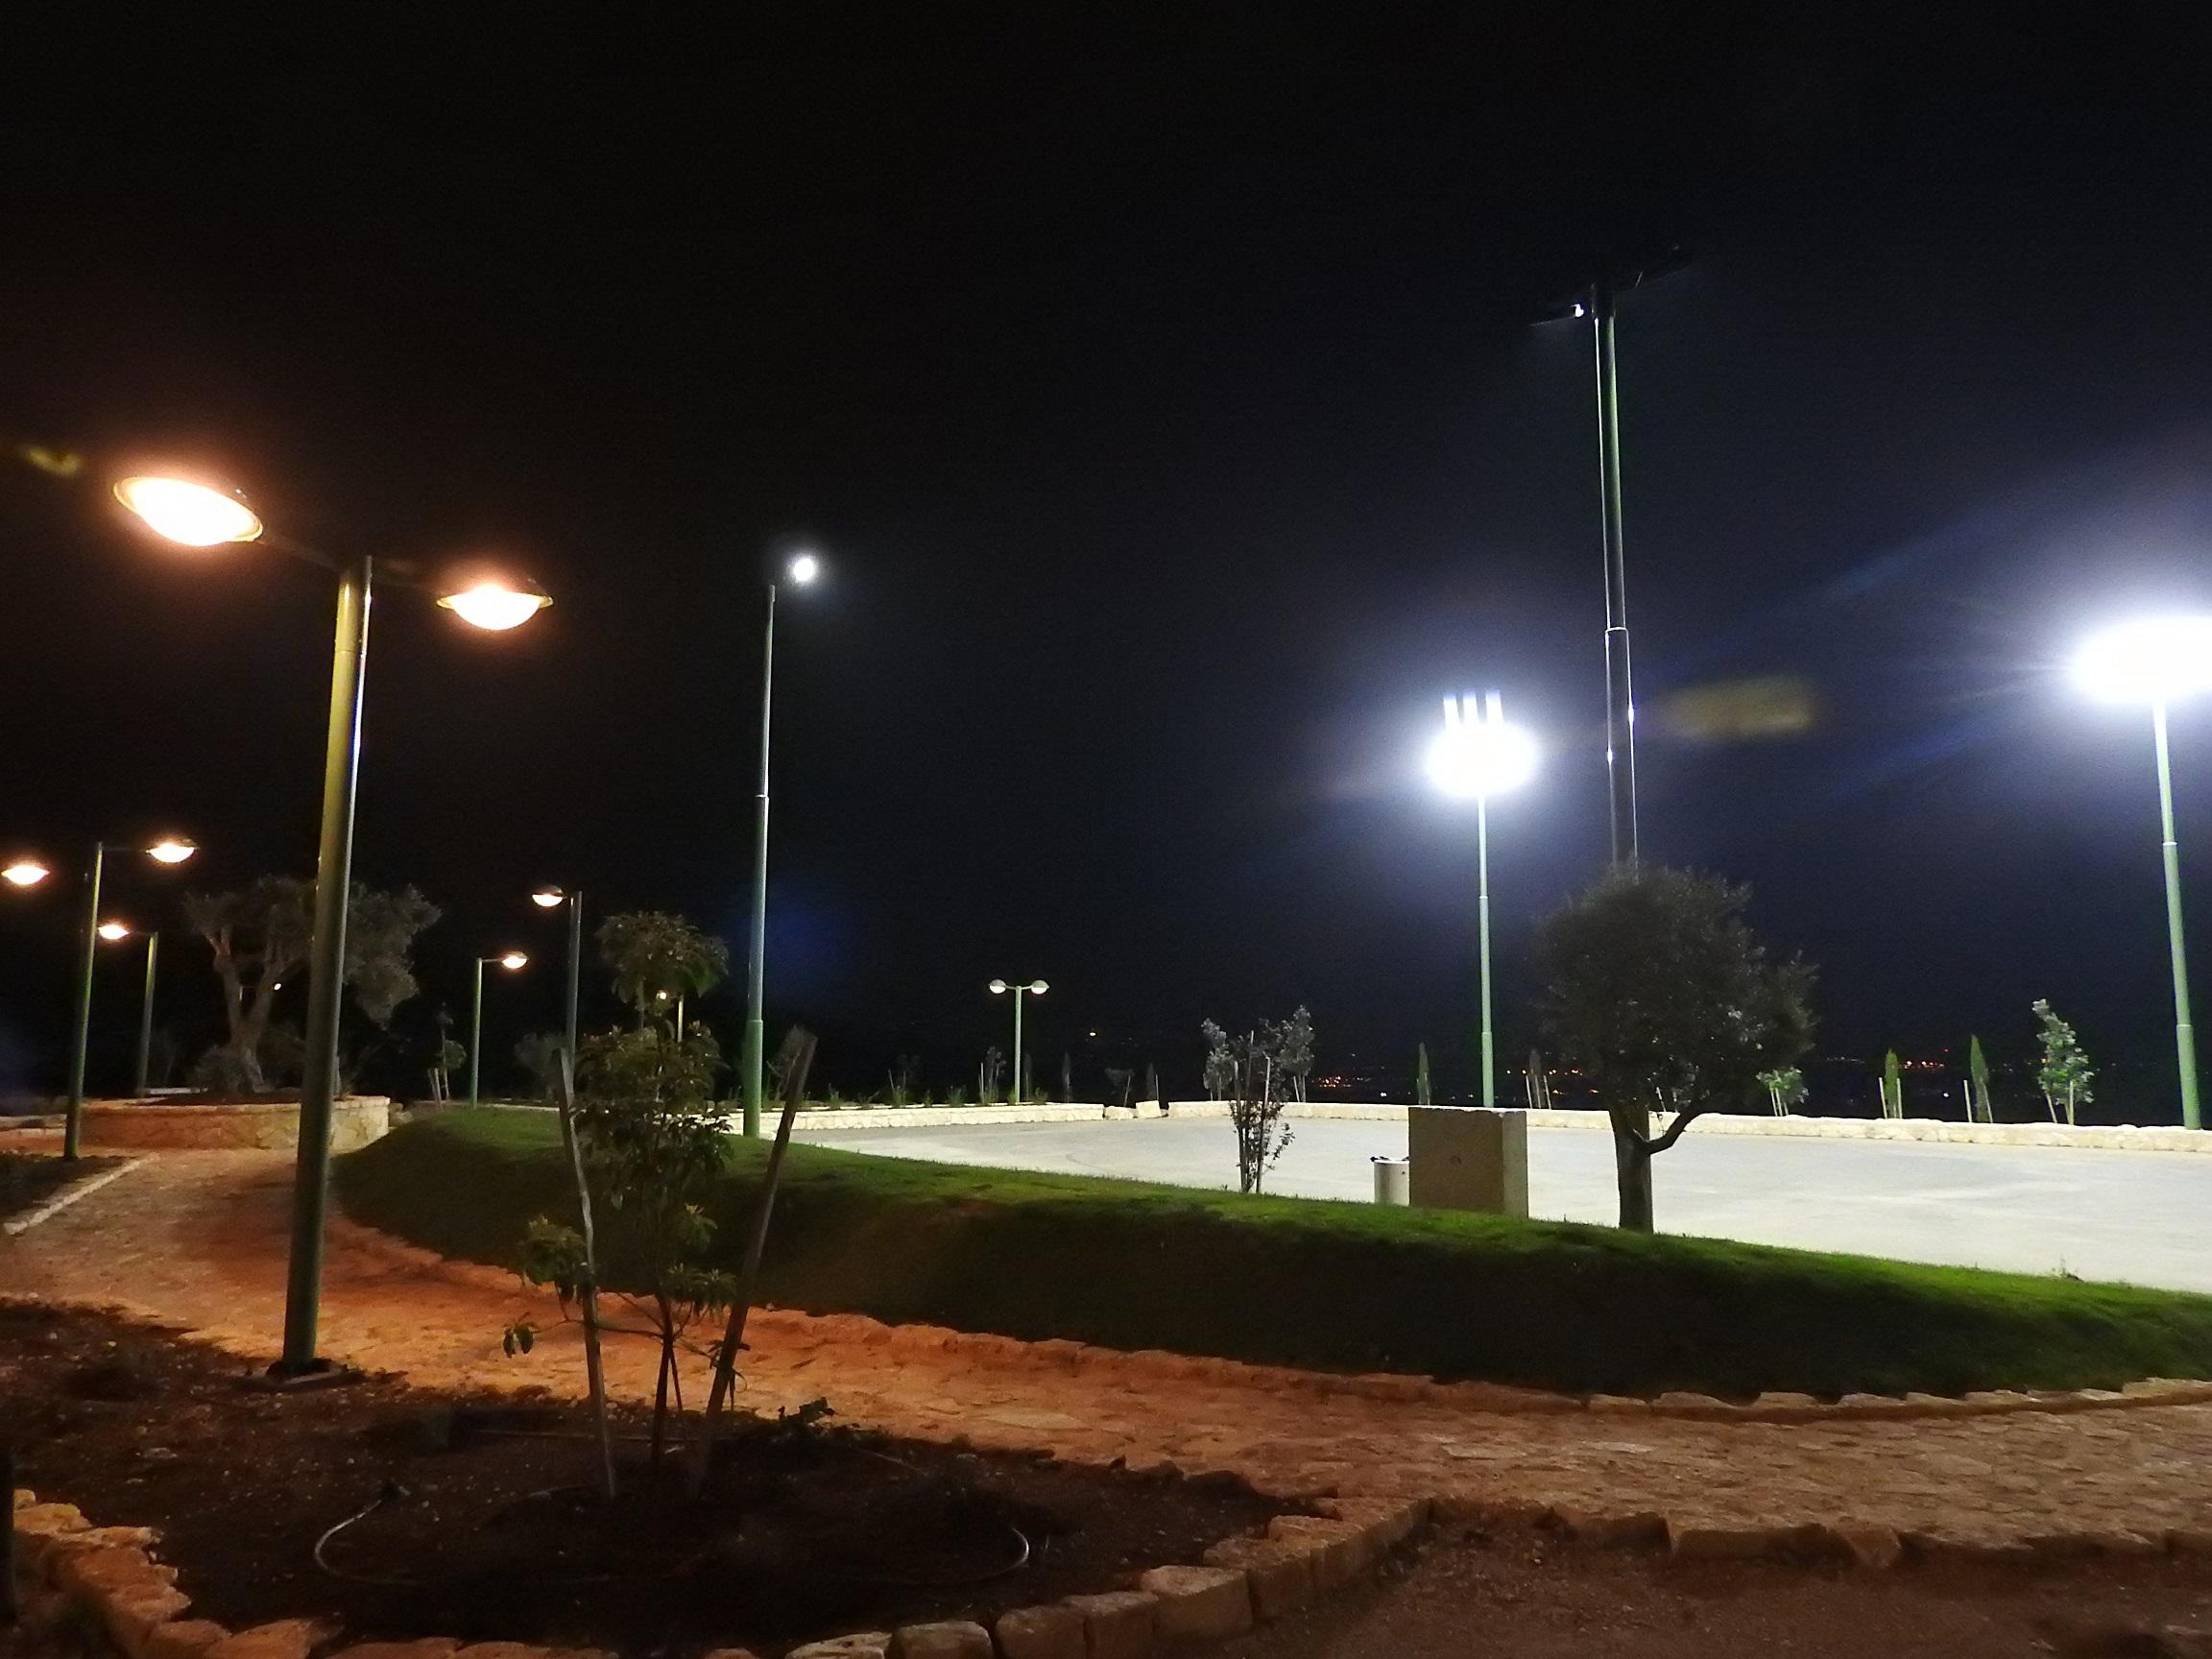 מועצה מקומית אבו אל-היג'א - האיר את פארק כאוכב בשכונה הדרומית